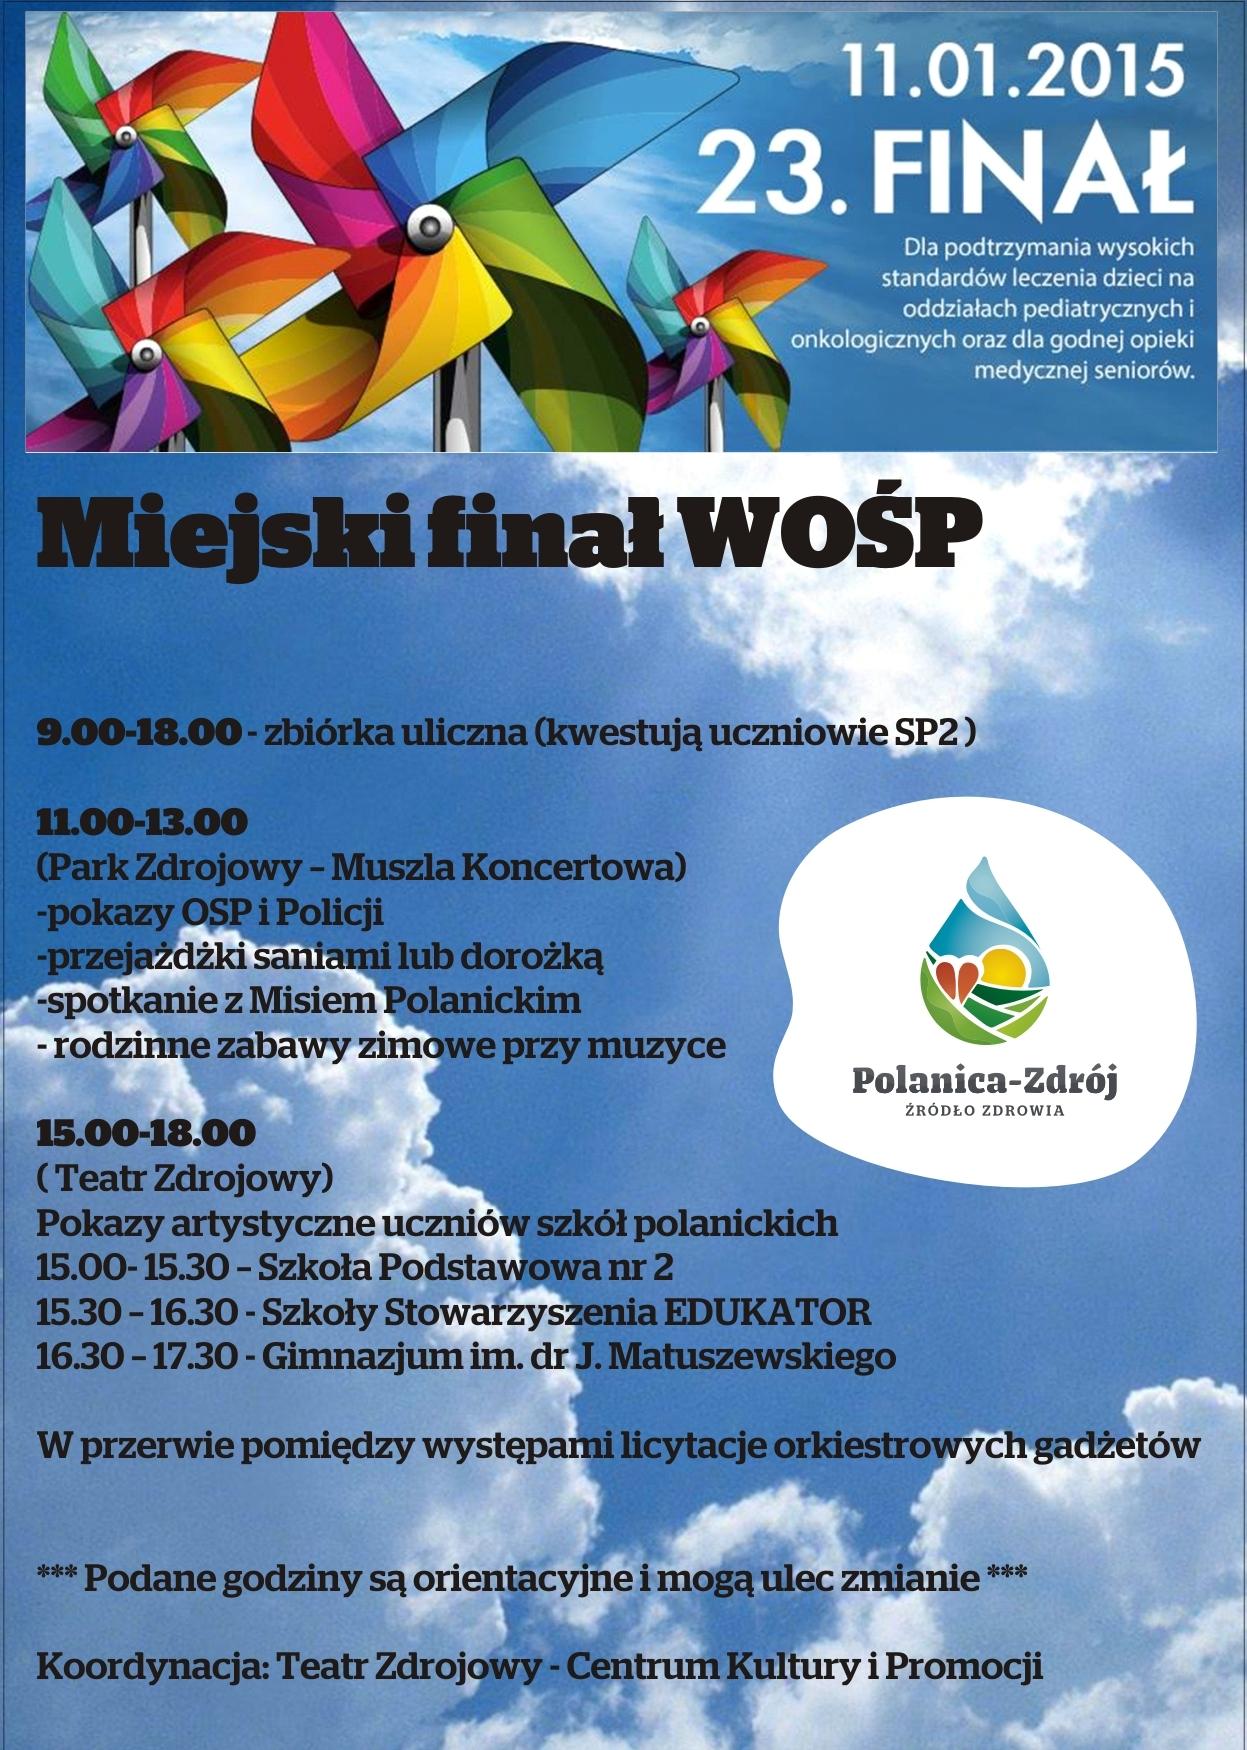 wosp www